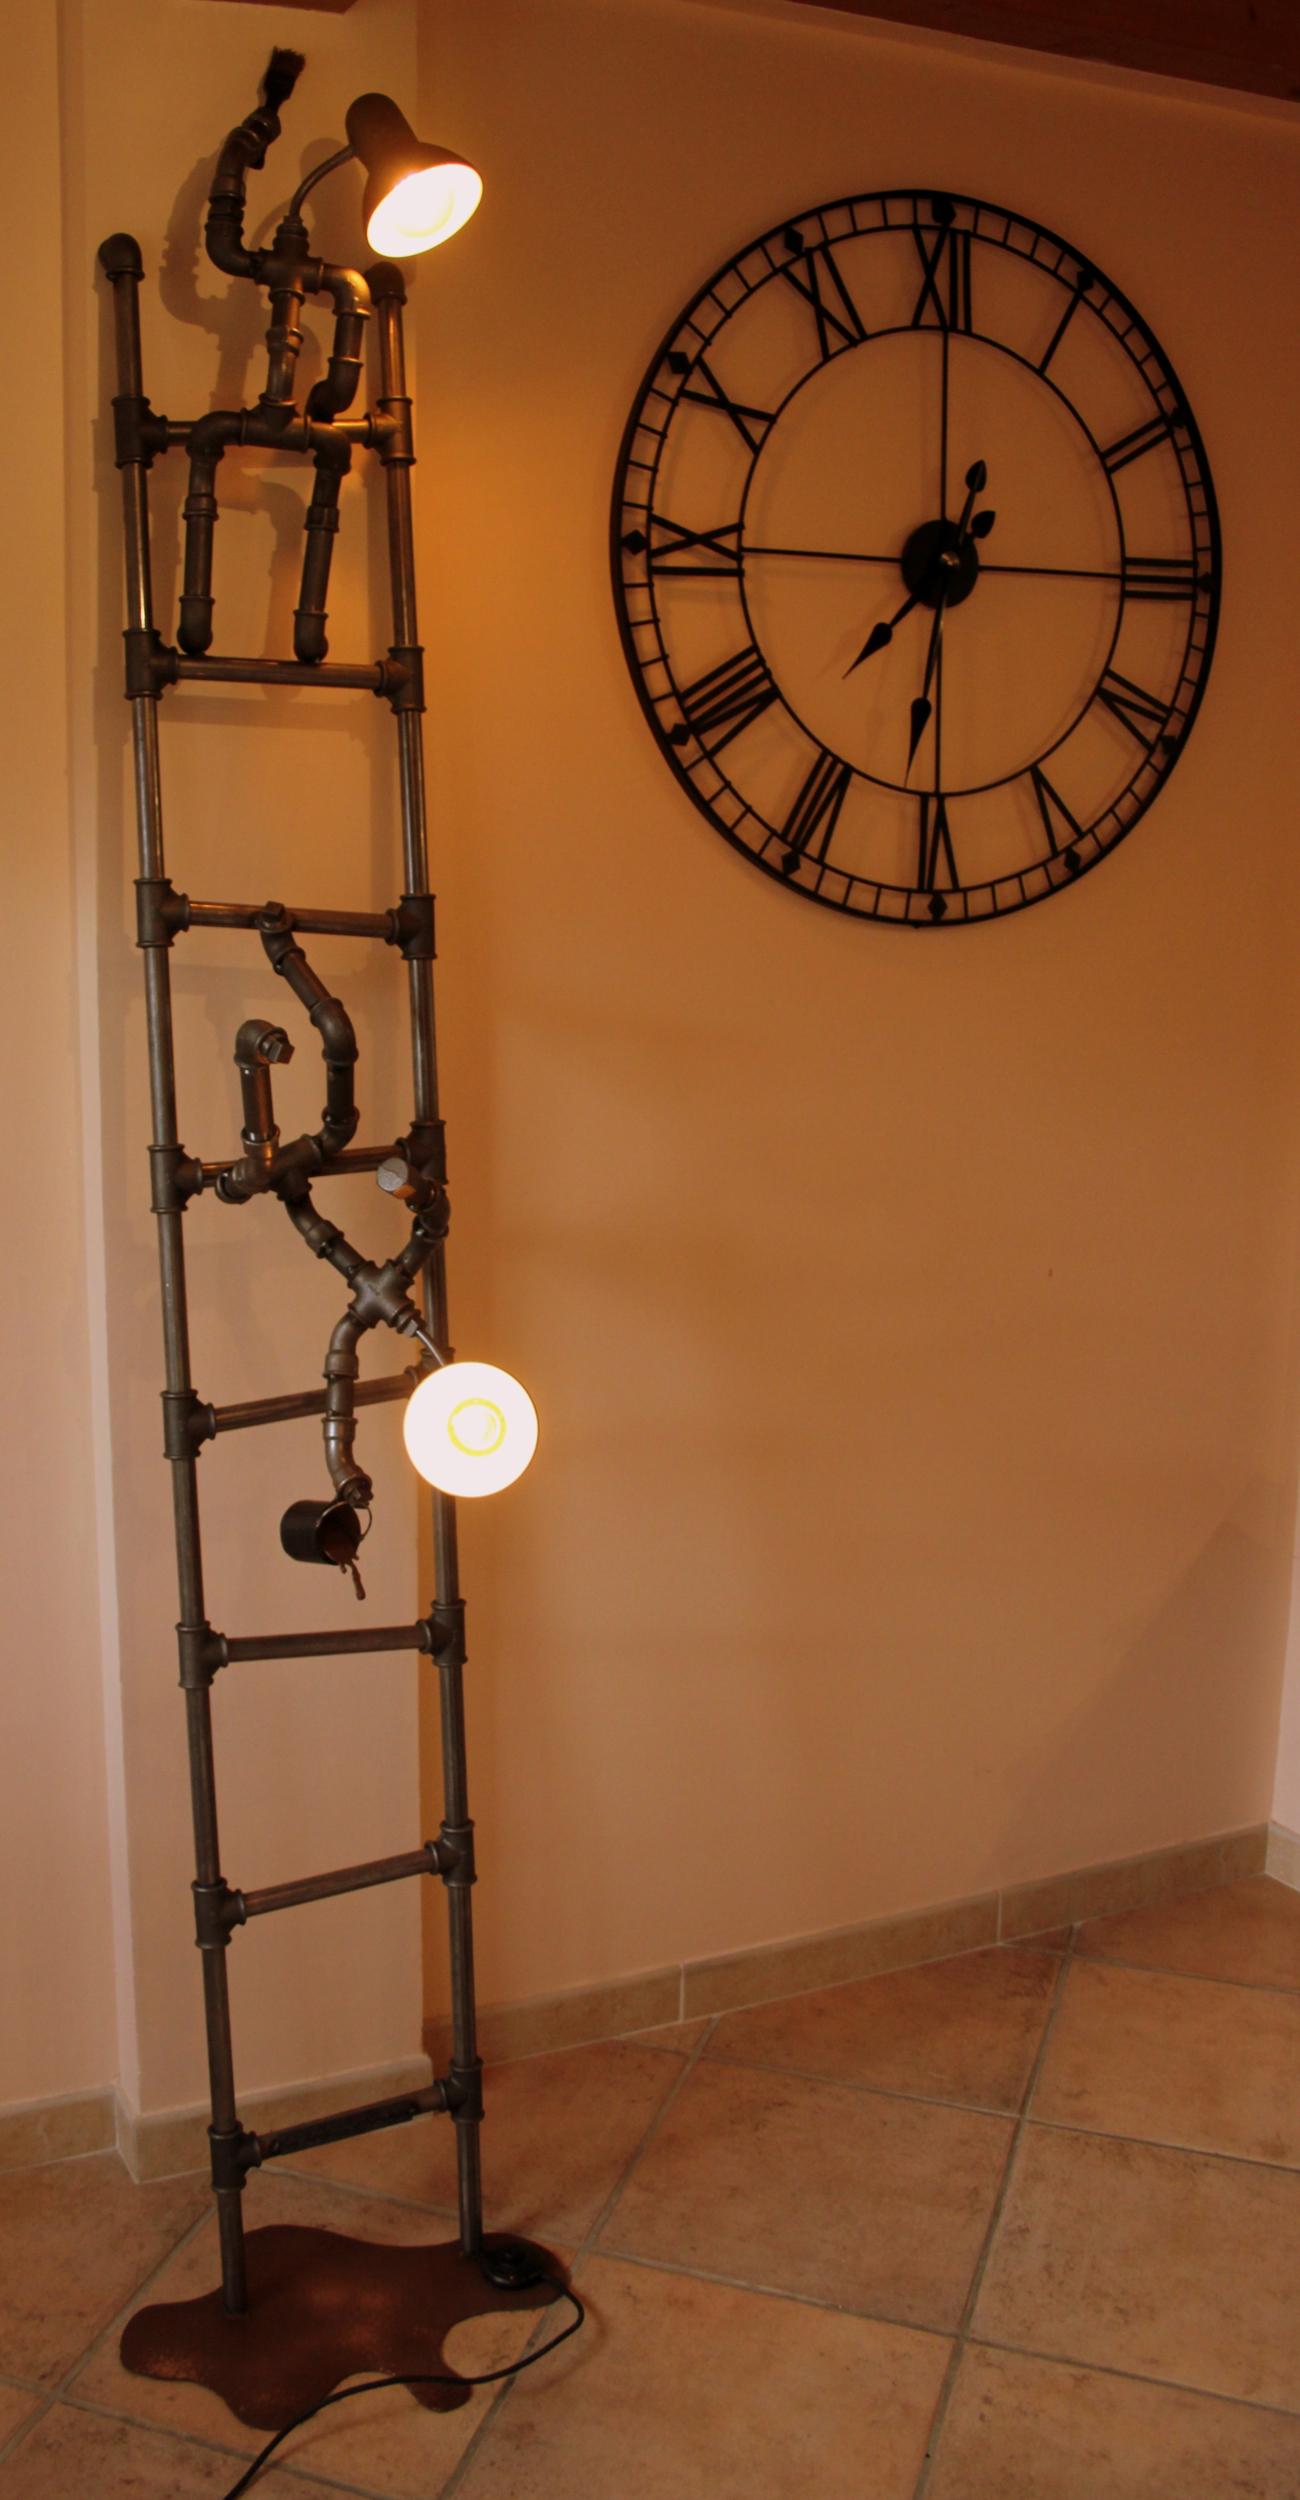 lampadaire original-le labo du kraken-lampadaire peintre-lampadaire rigolo-lampadaire vintage-lampadaire acier-lampadaire tuyau